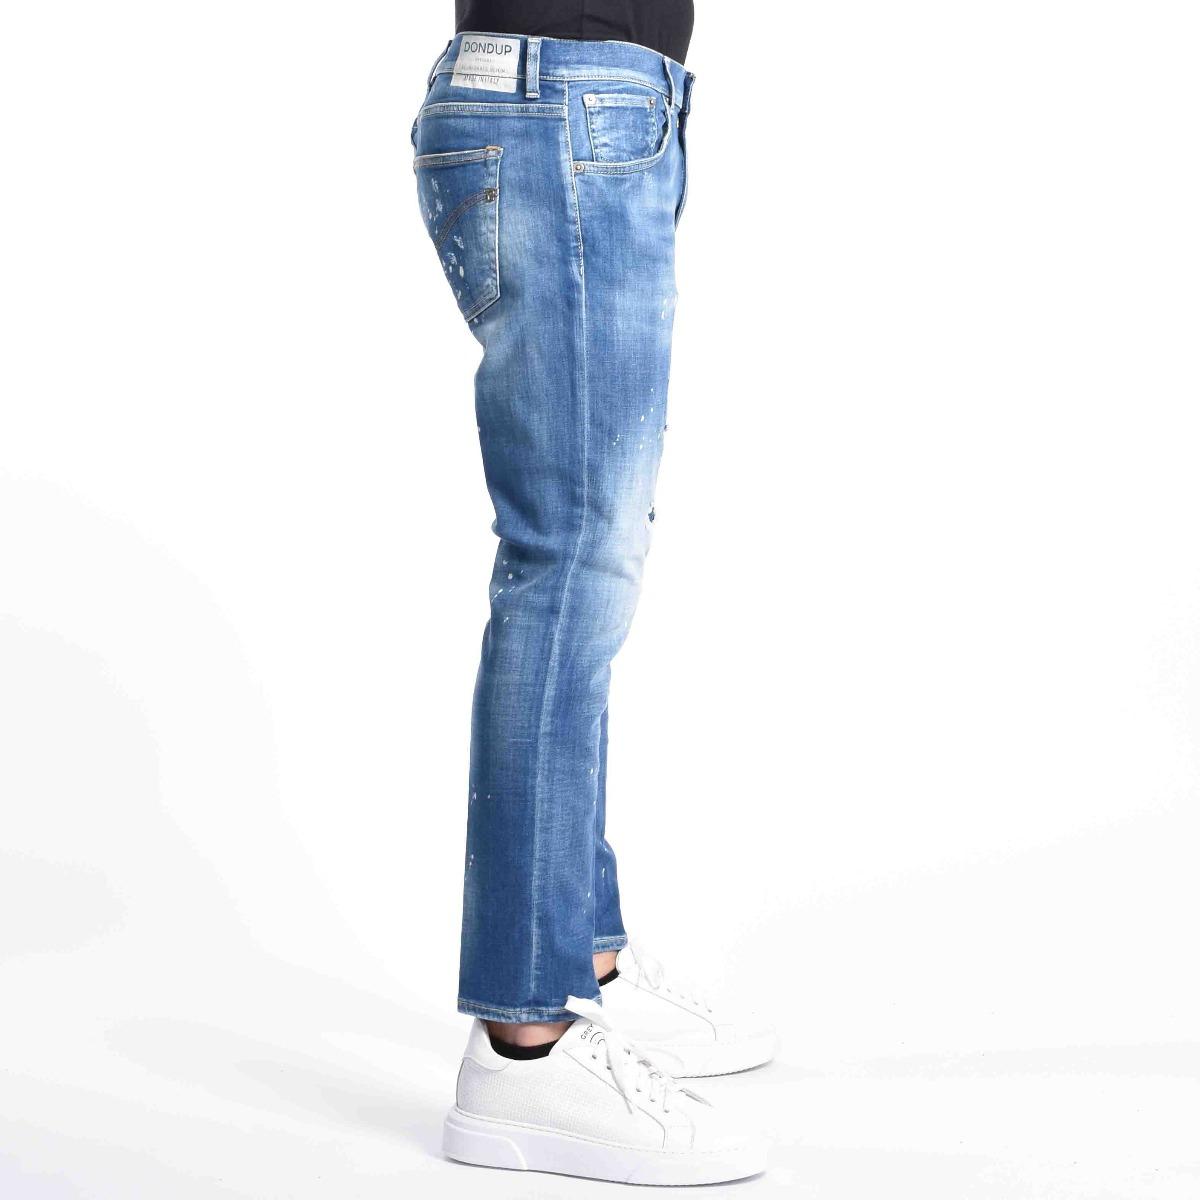 Jeans alex degradable - Denim